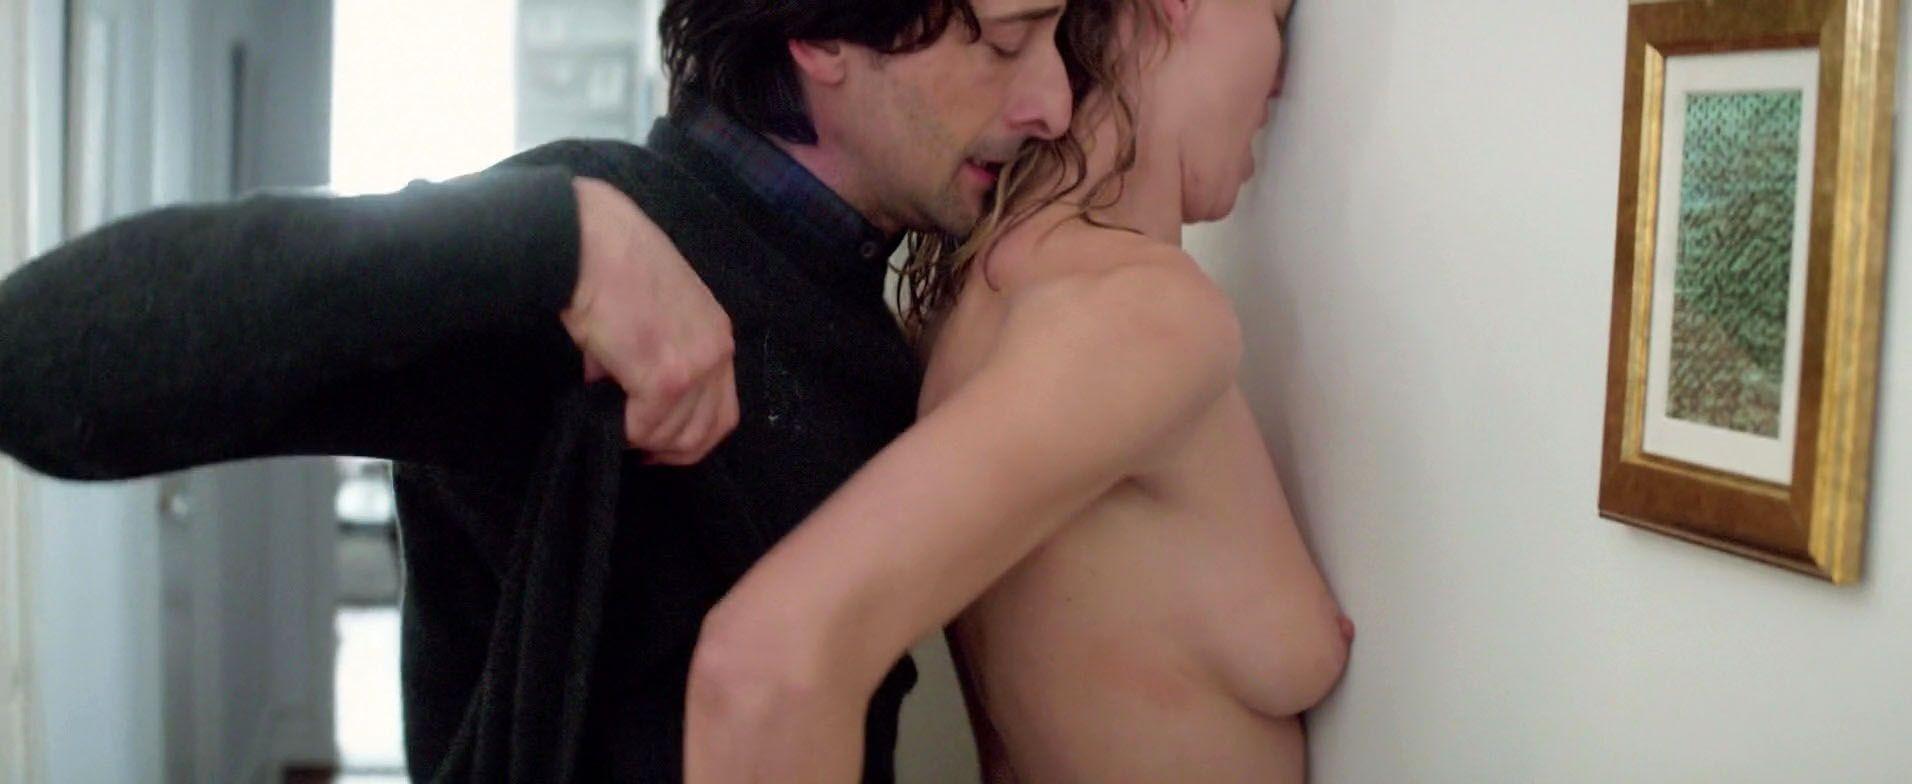 ハリウッド女優の濡れ場シーン、過激すぎてポルノにしか見えんwwwwww(118枚)・87枚目